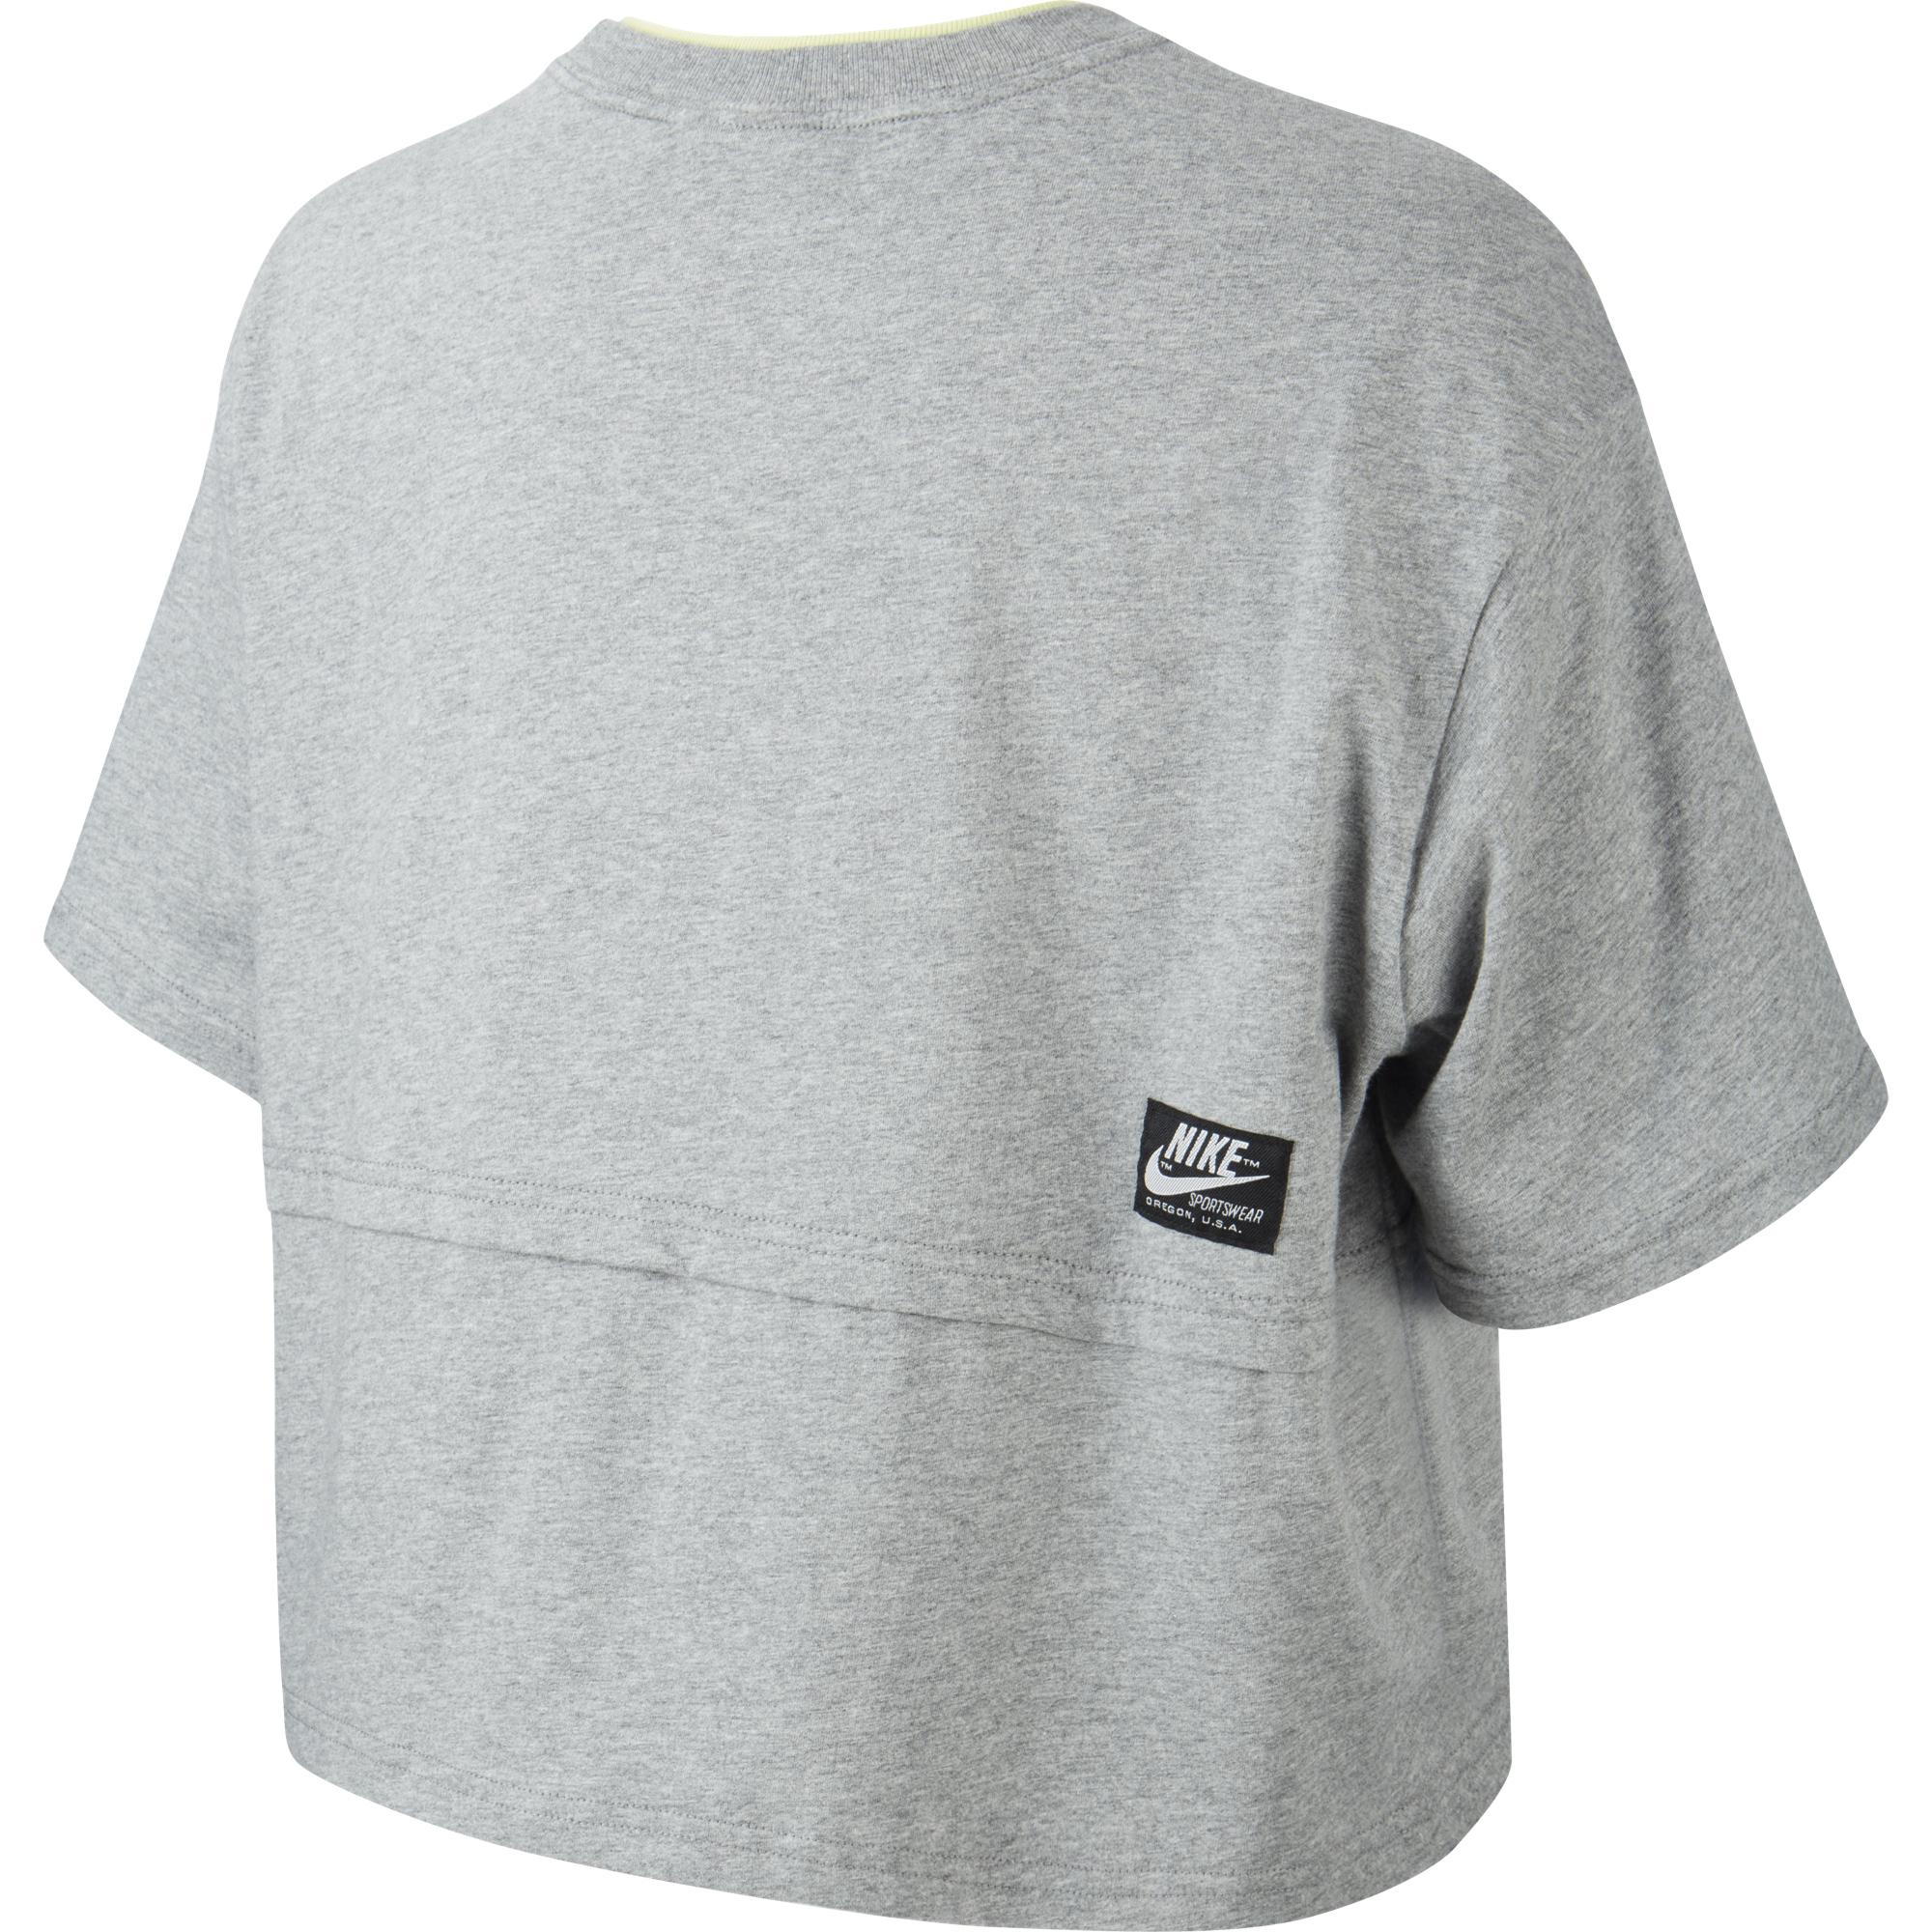 Nike Sportswear Kadın Gri T-Shirt